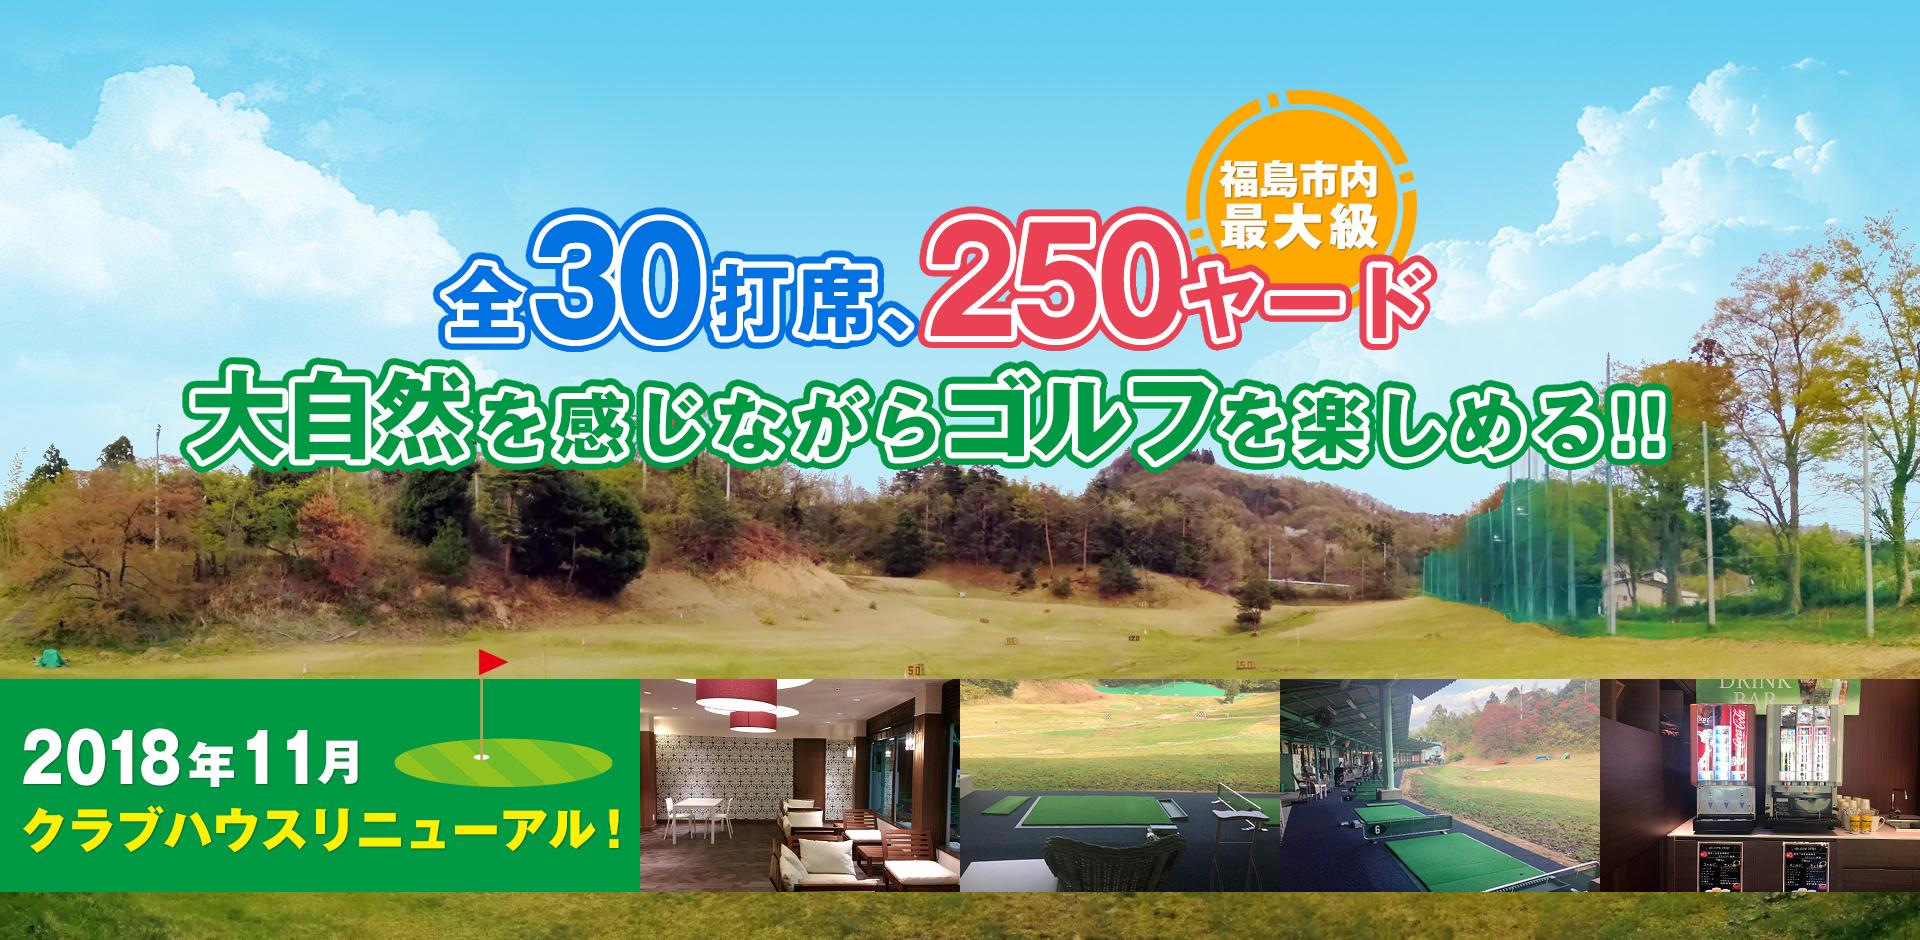 福島市 打ちっ放し ゴルフ練習場|ゴルフレンジアミーゴもちずり店